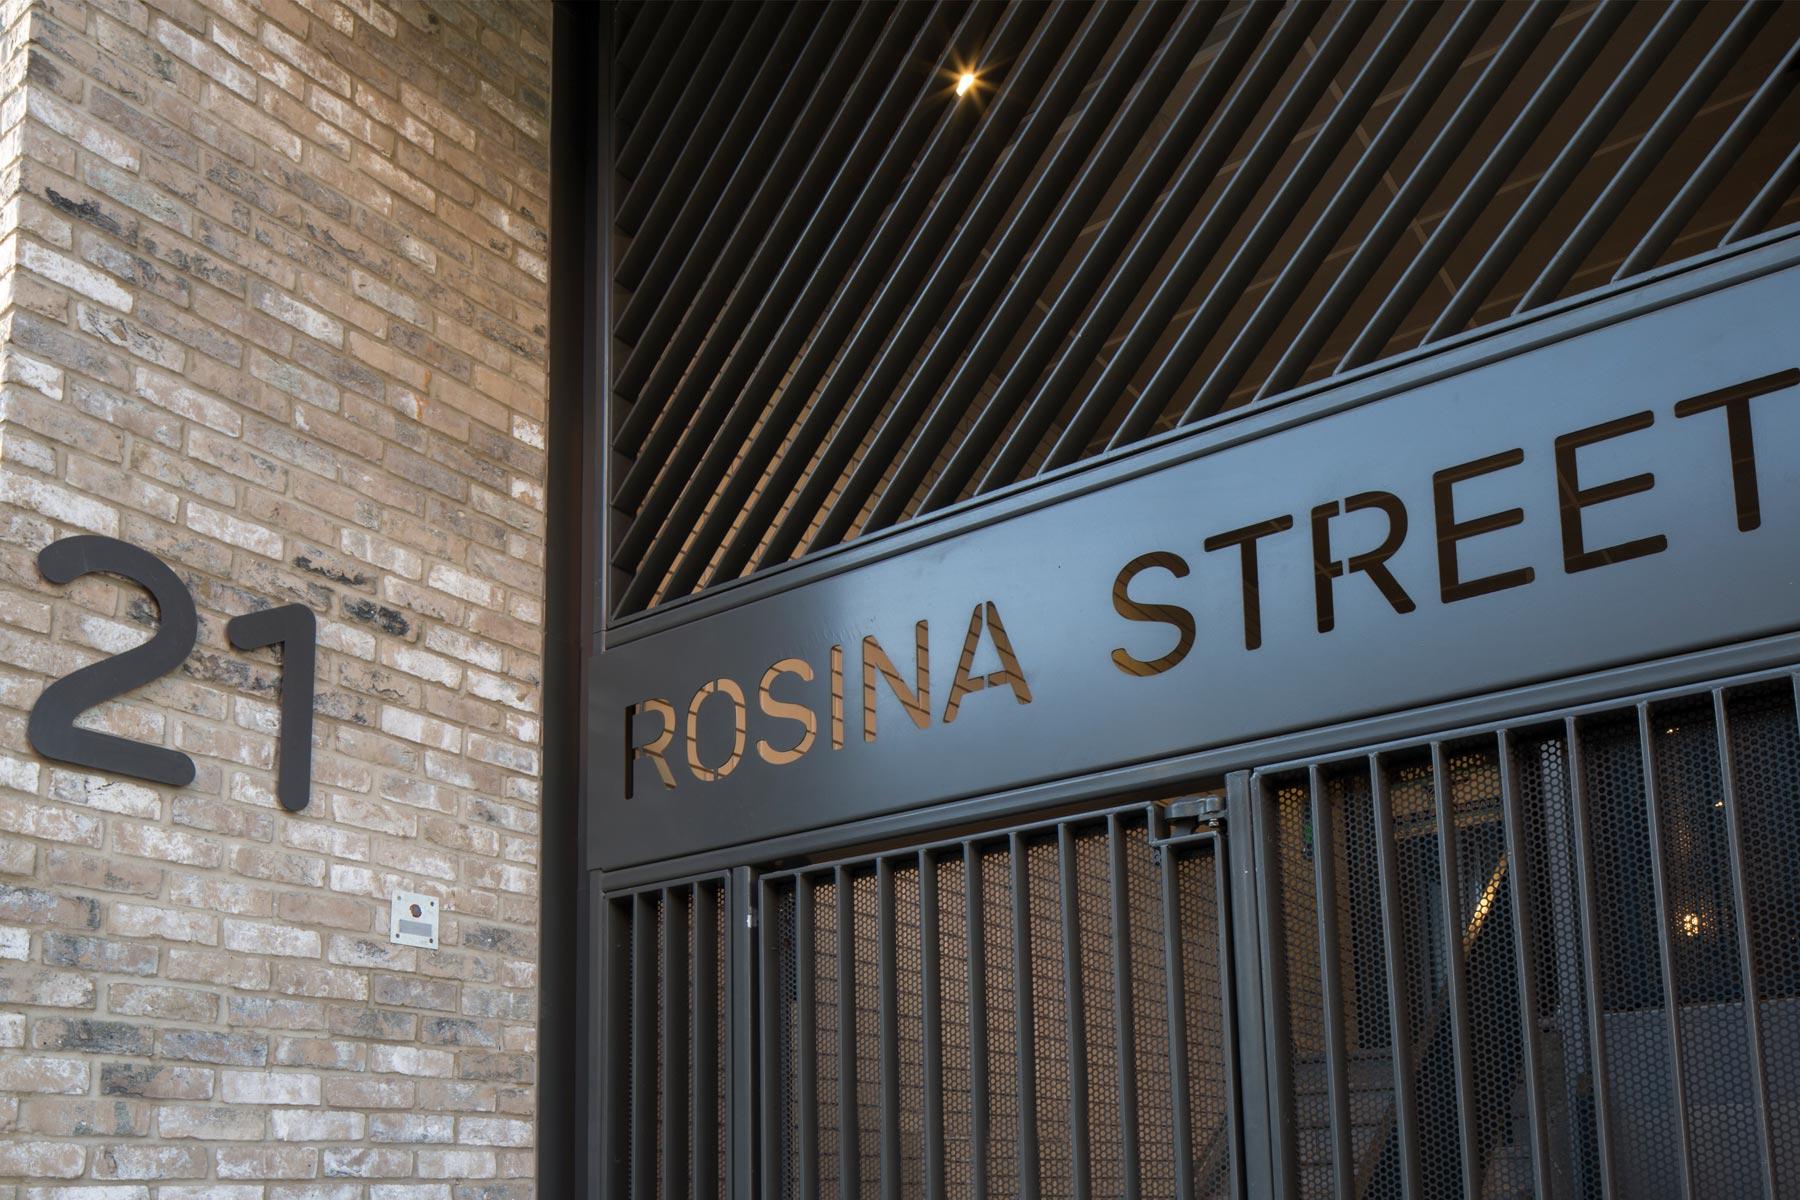 Rosina Street